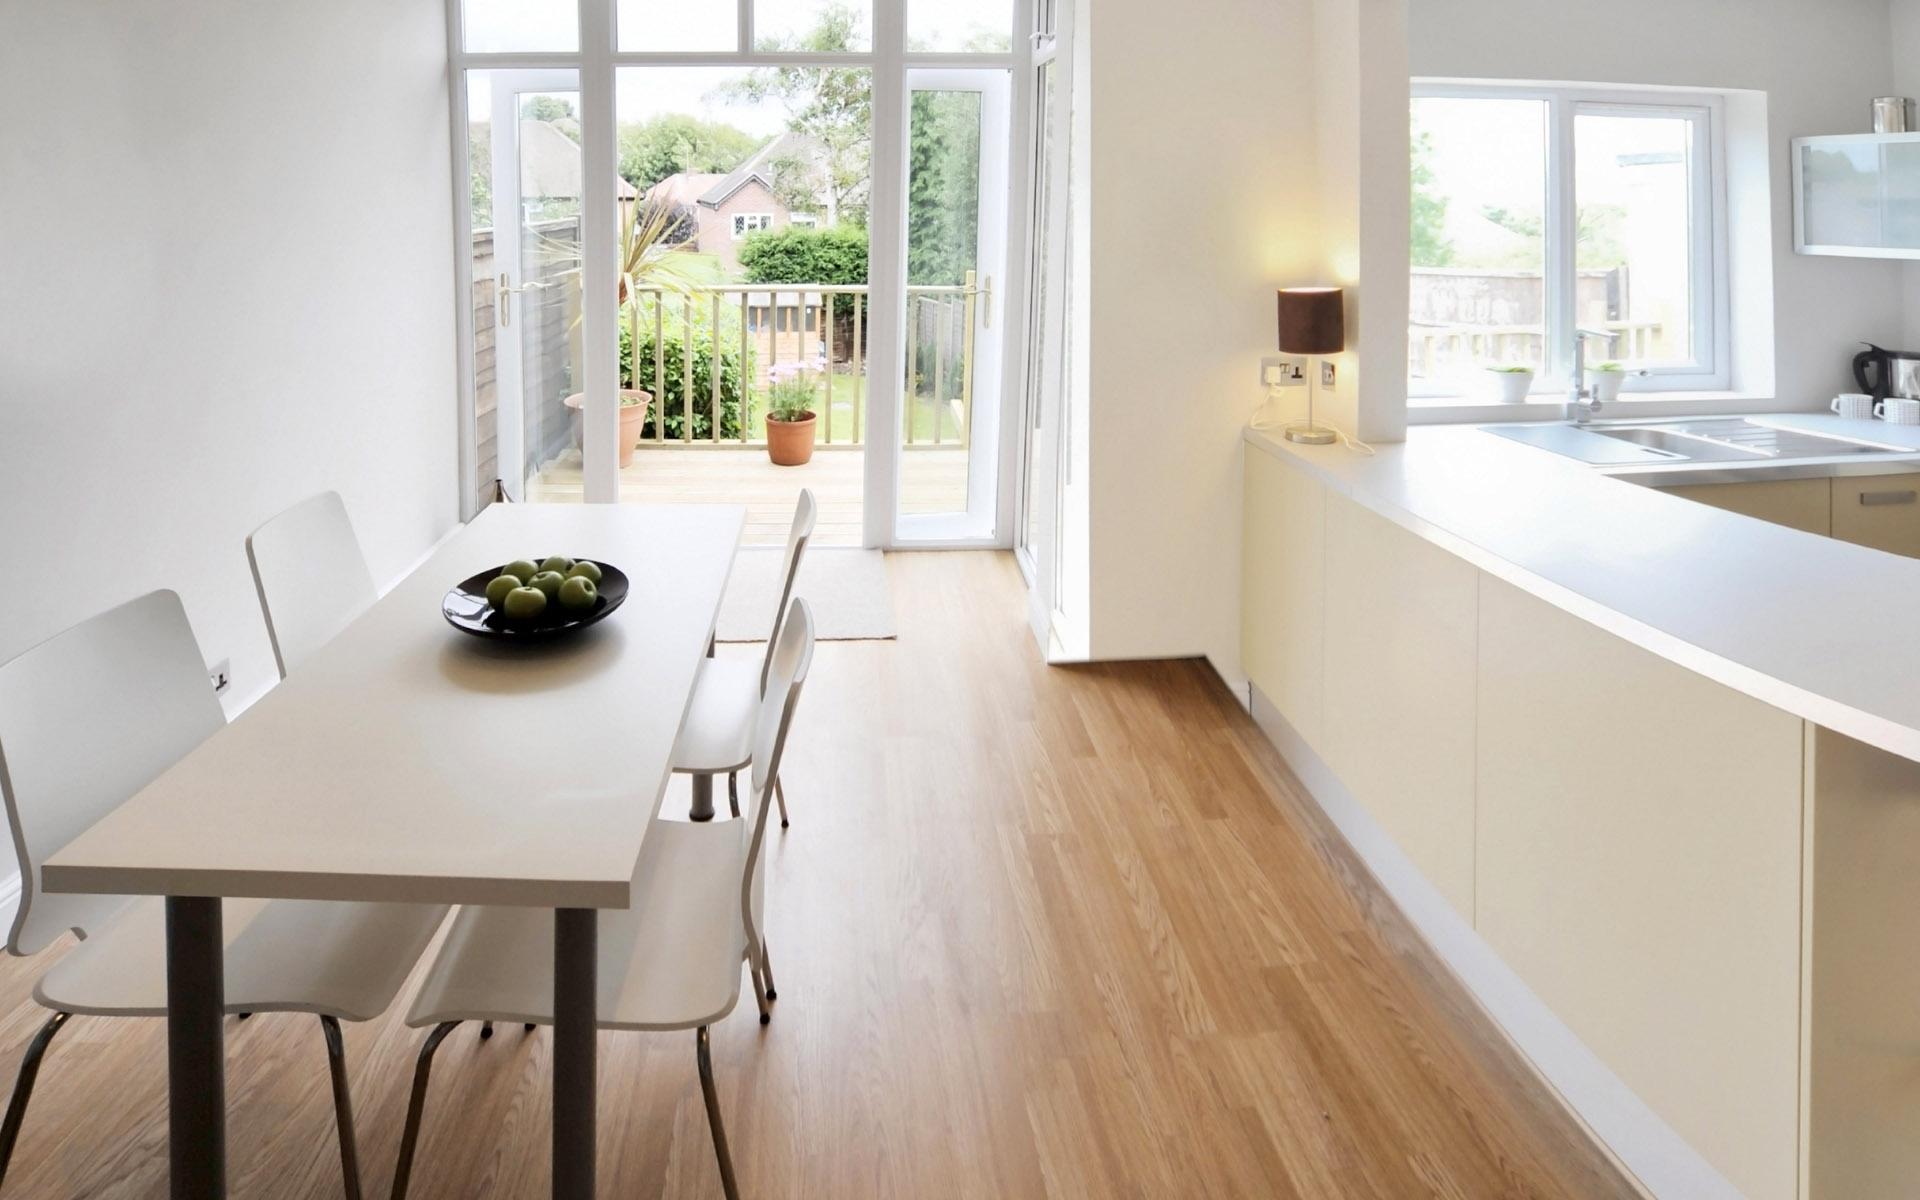 Sfondi : finestra, camera, tavolo, legna, balcone, cucina, interior ...